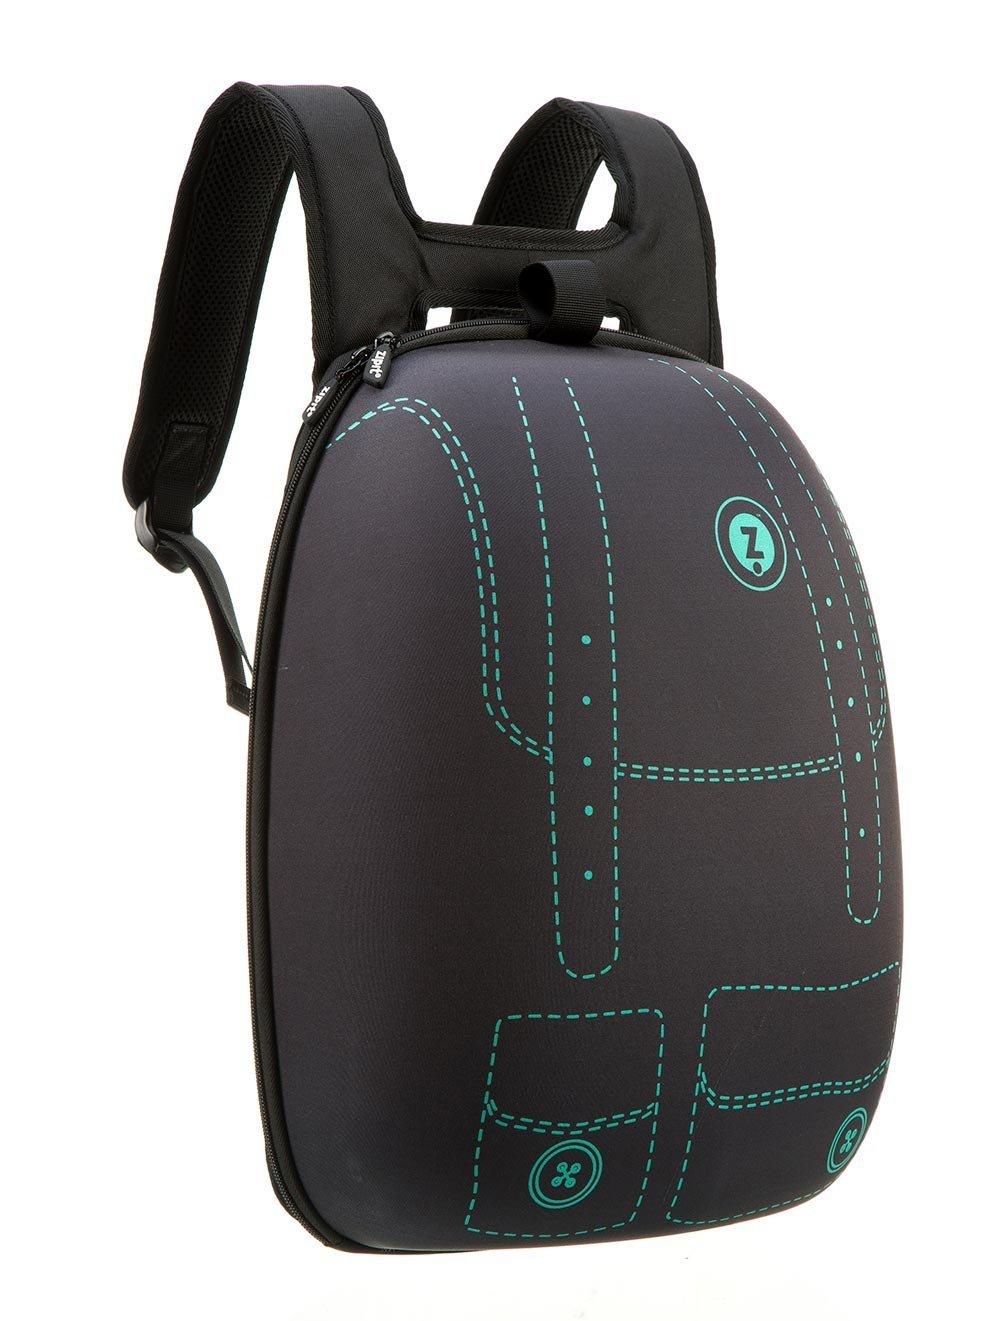 Рюкзак-панцирь - Школьные рюкзаки, артикул: 161435